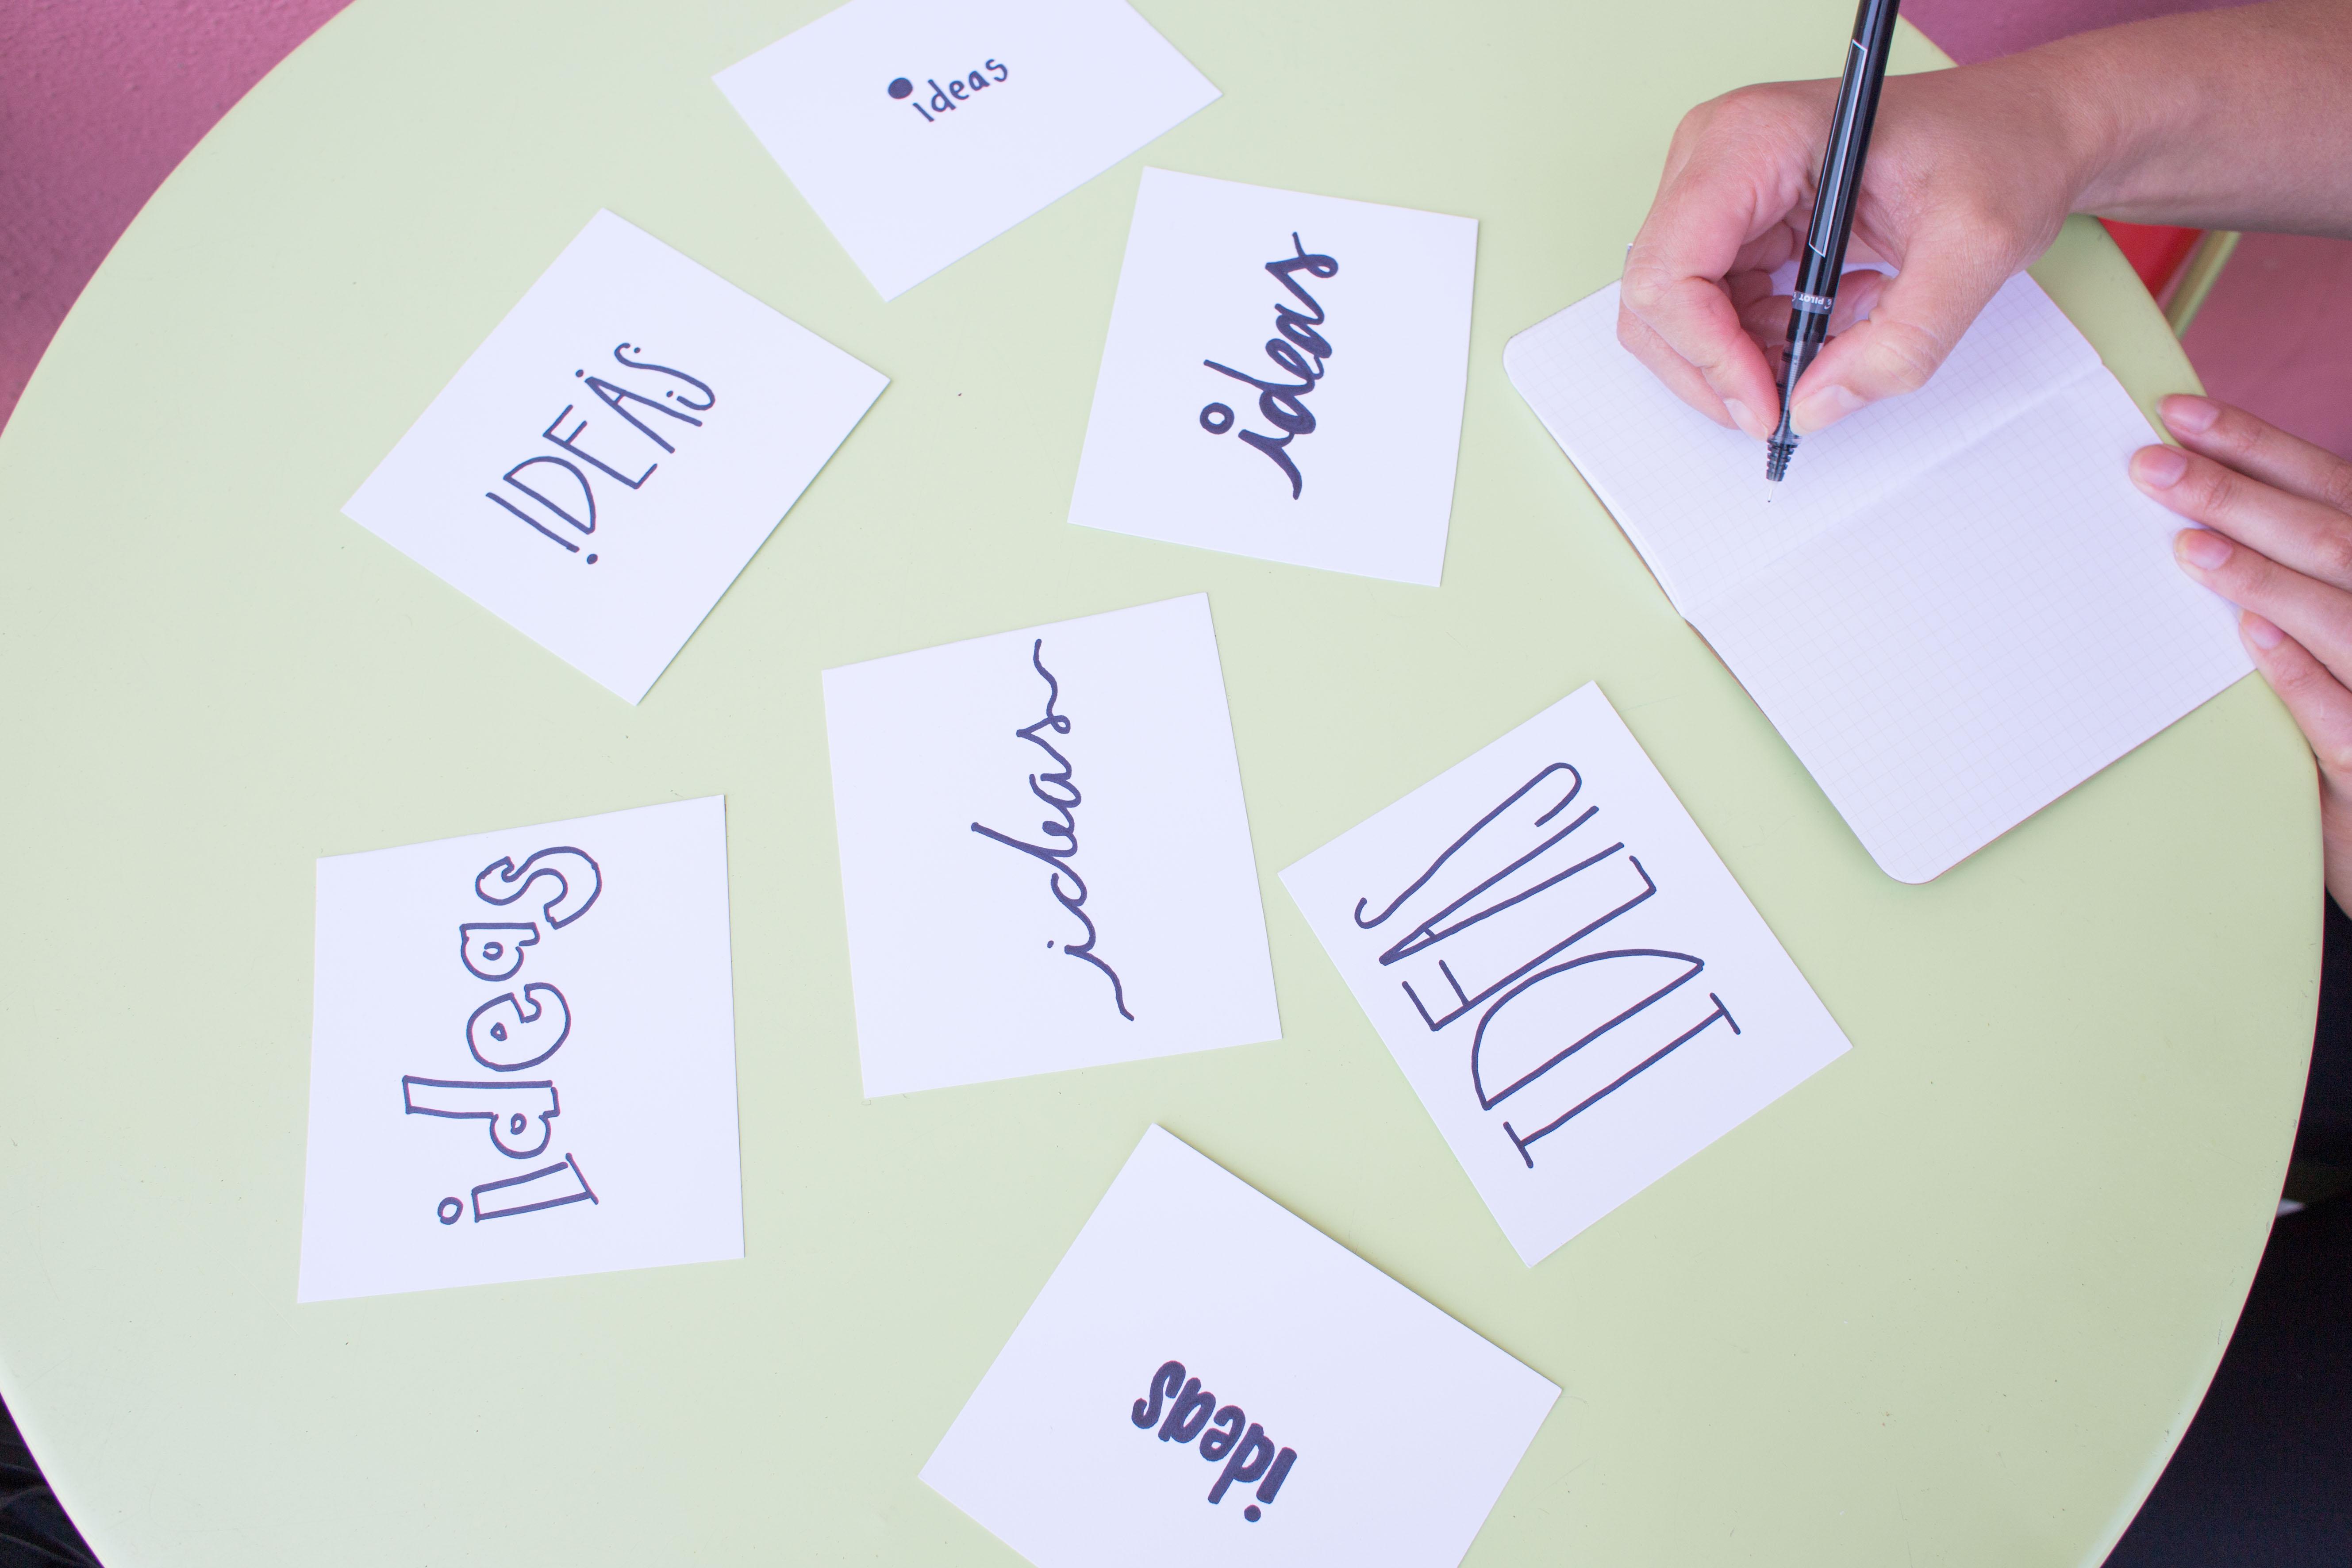 consejos prácticos para comenzar a generar contenido